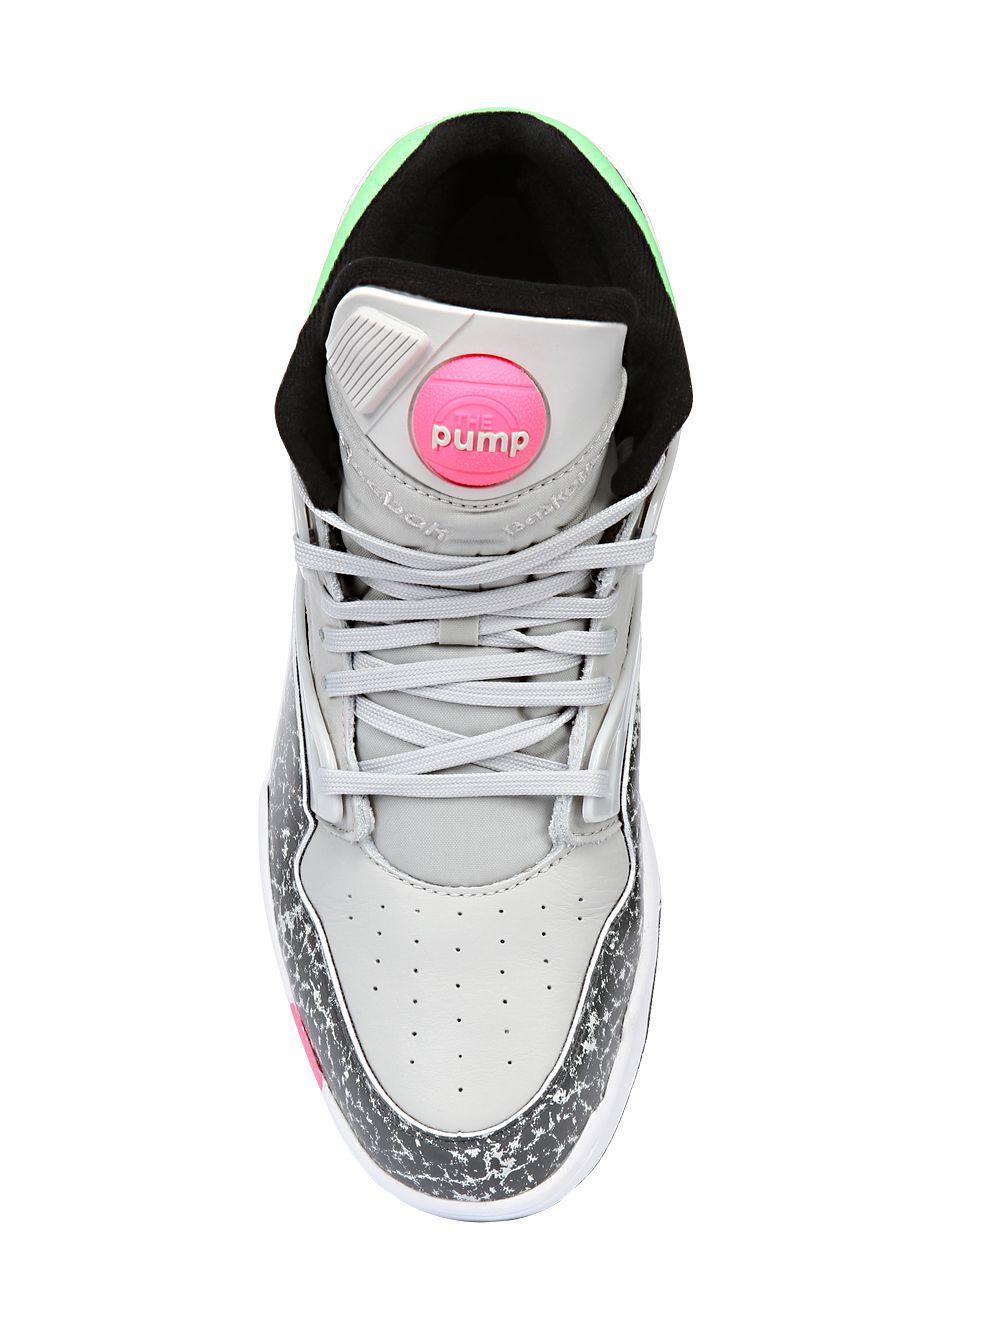 Reebok Pump Omni Lite Leather High Top Sneakers